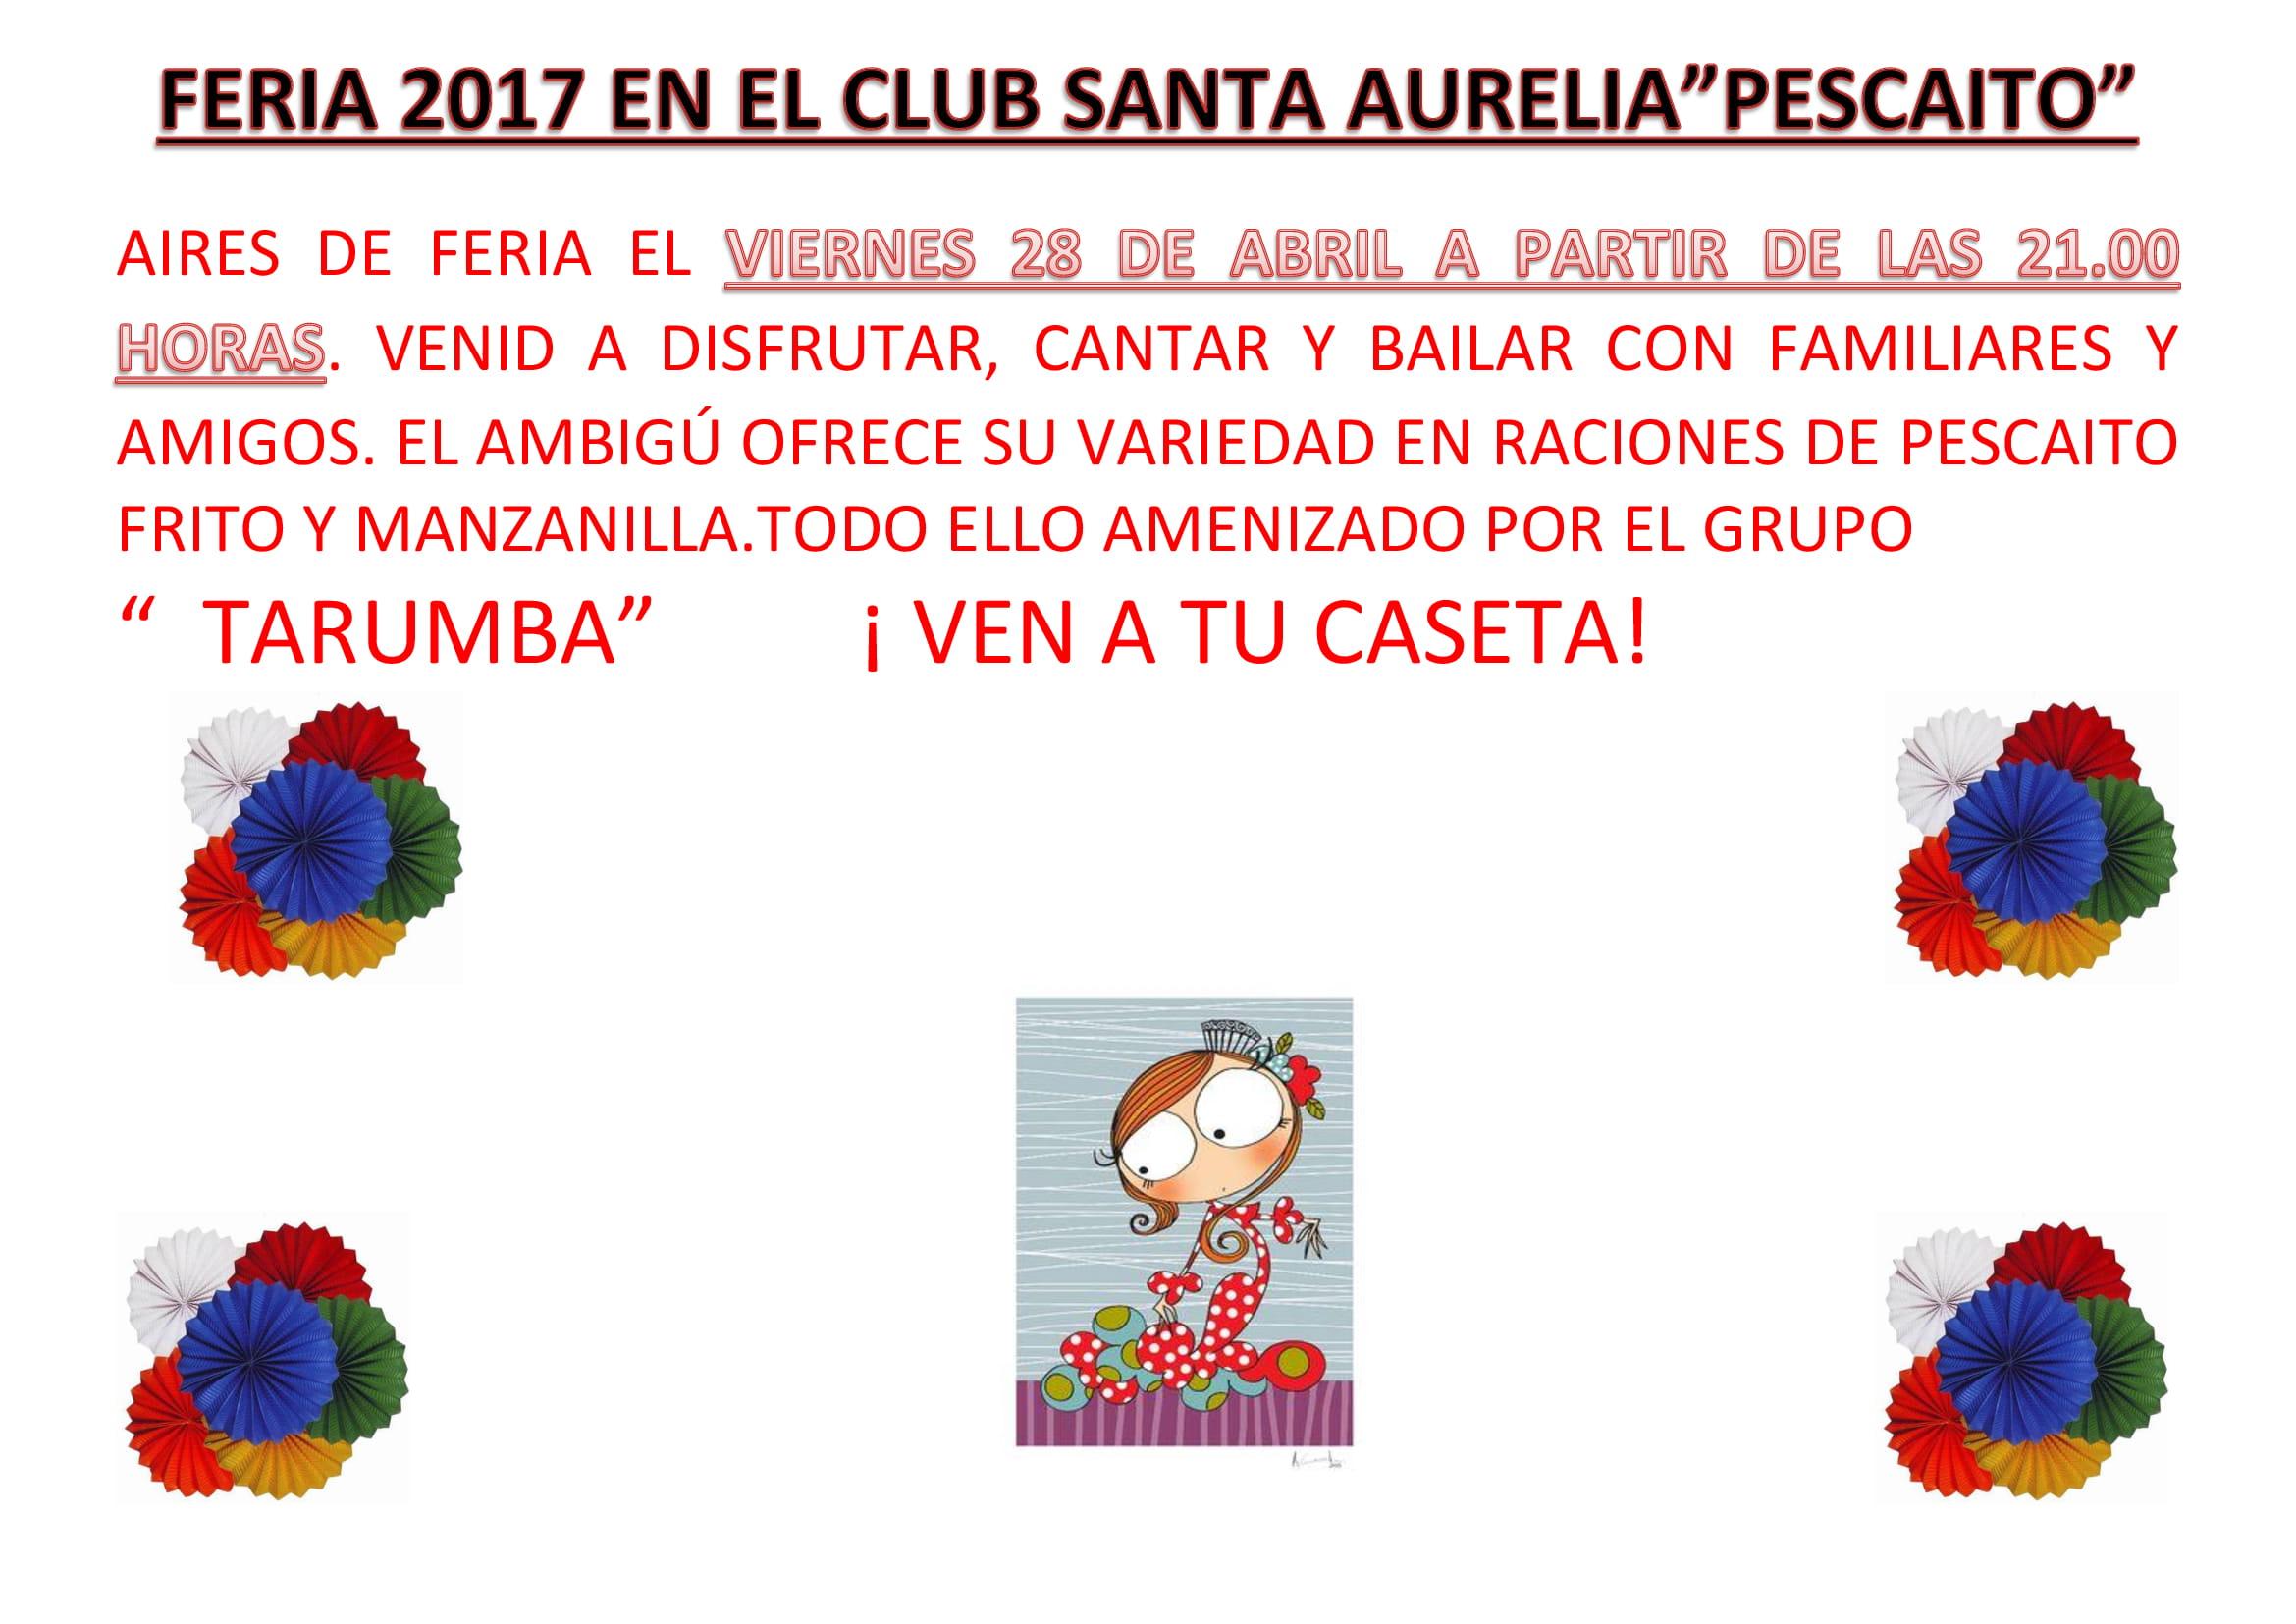 CARTEL FERIA 2017 EN EL CLUB SANTA AURELIA